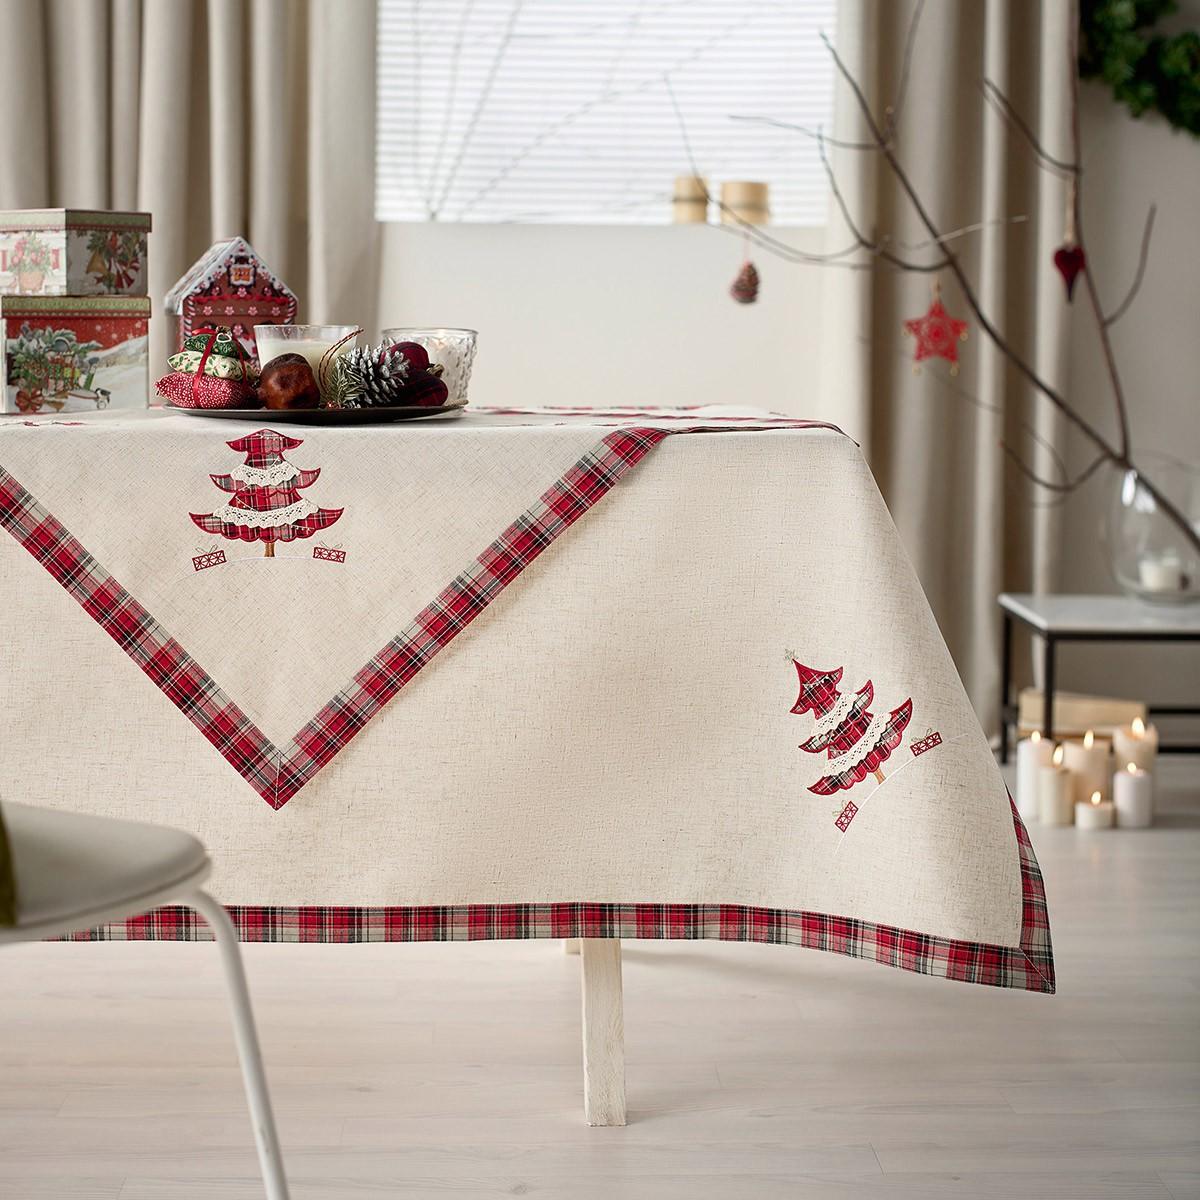 Χριστουγεννιάτικο Τραπεζομάντηλο (135×135) Gofis Home 686